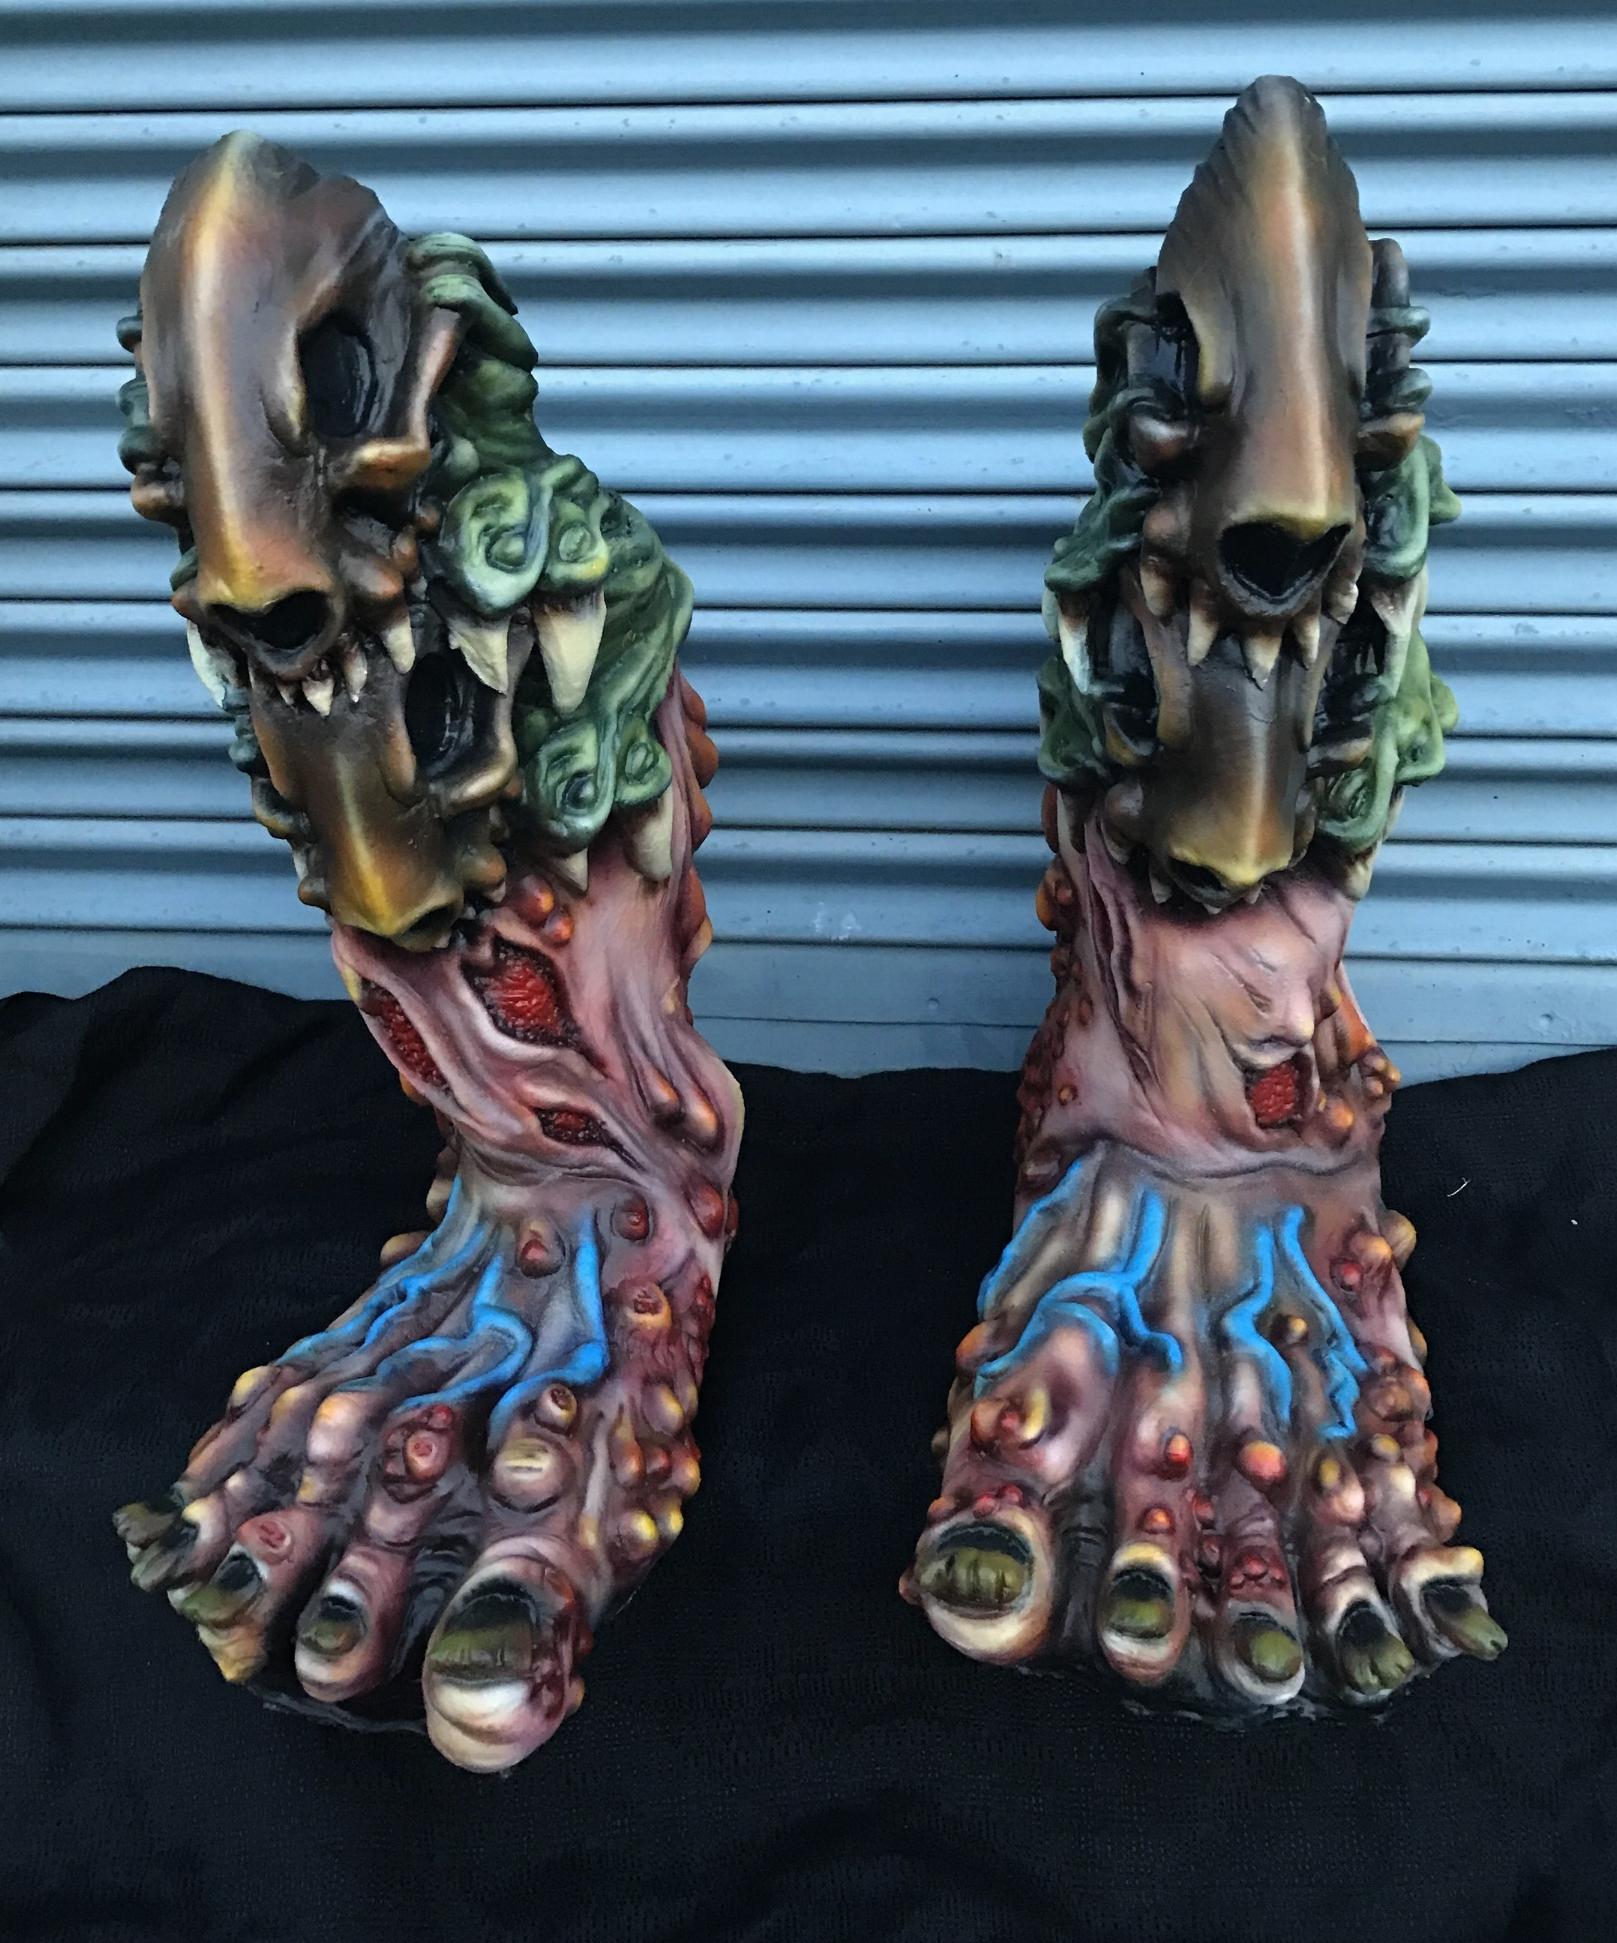 Pustulus's Feet